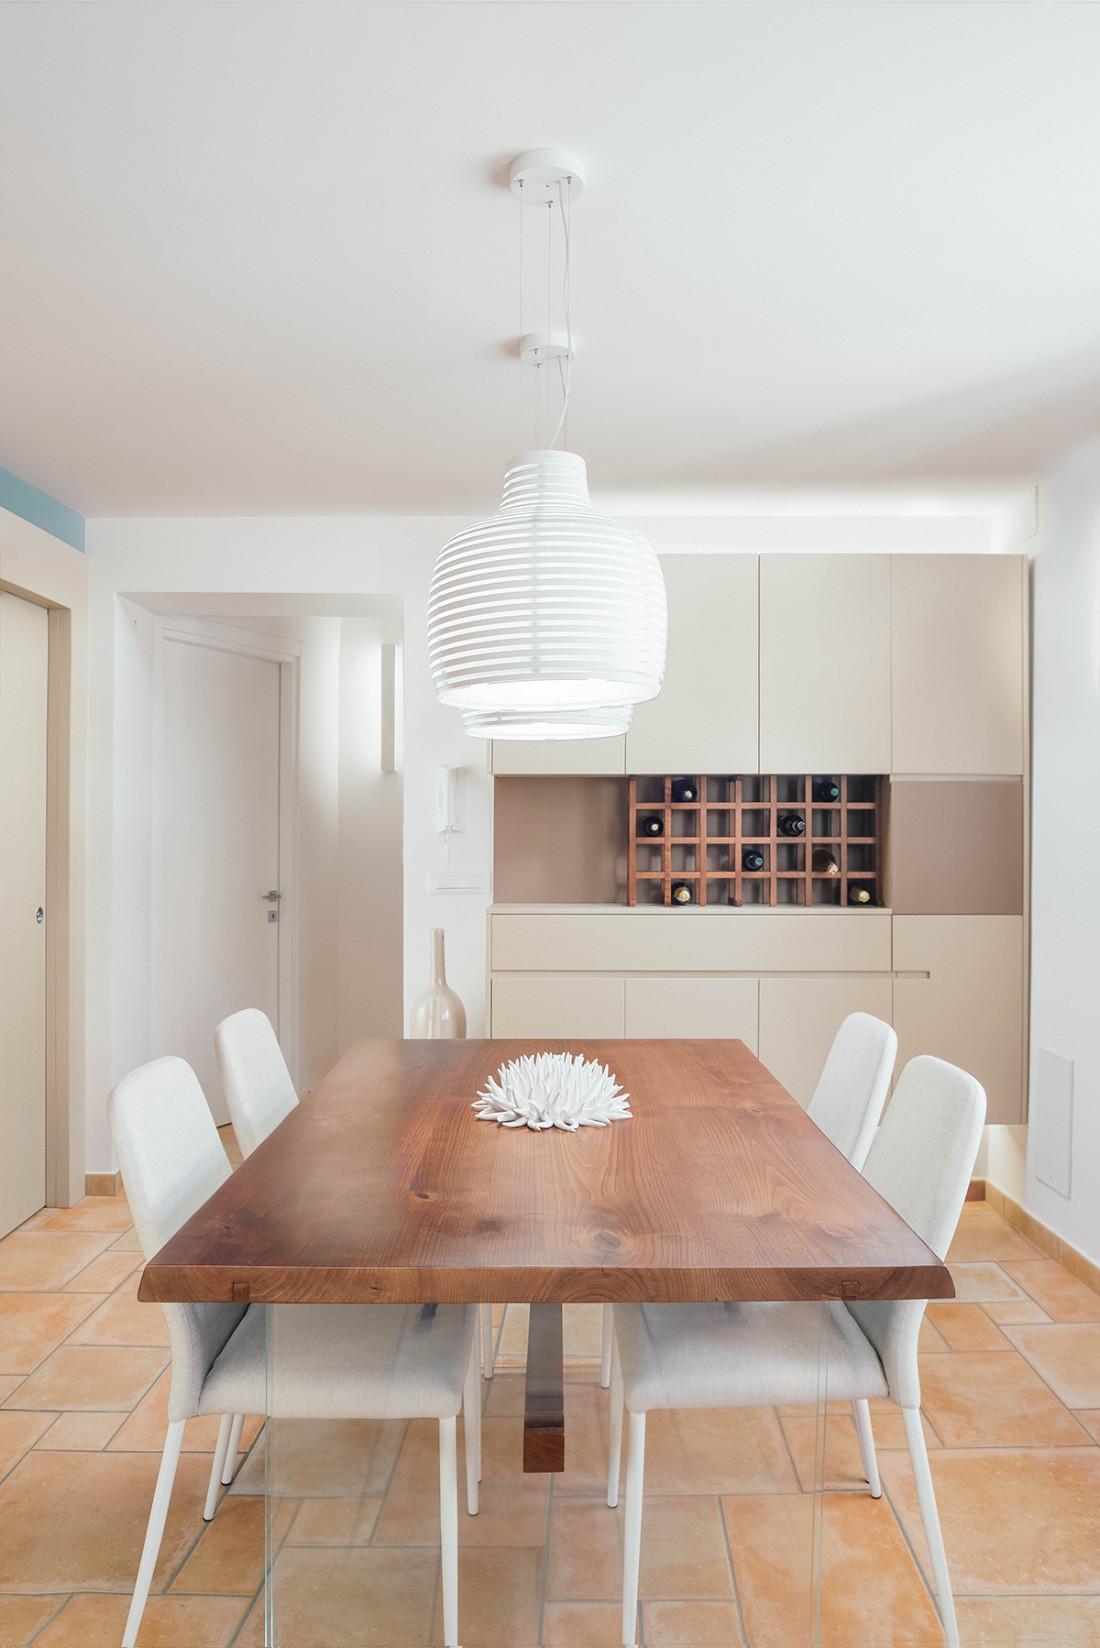 Casa_A+M. Zona Pranzo. Manuarino Architettura. Appartamento a Monte di Procida, Napoli. tavolo, design, progettazione, architettura, Falegnameria, cantina